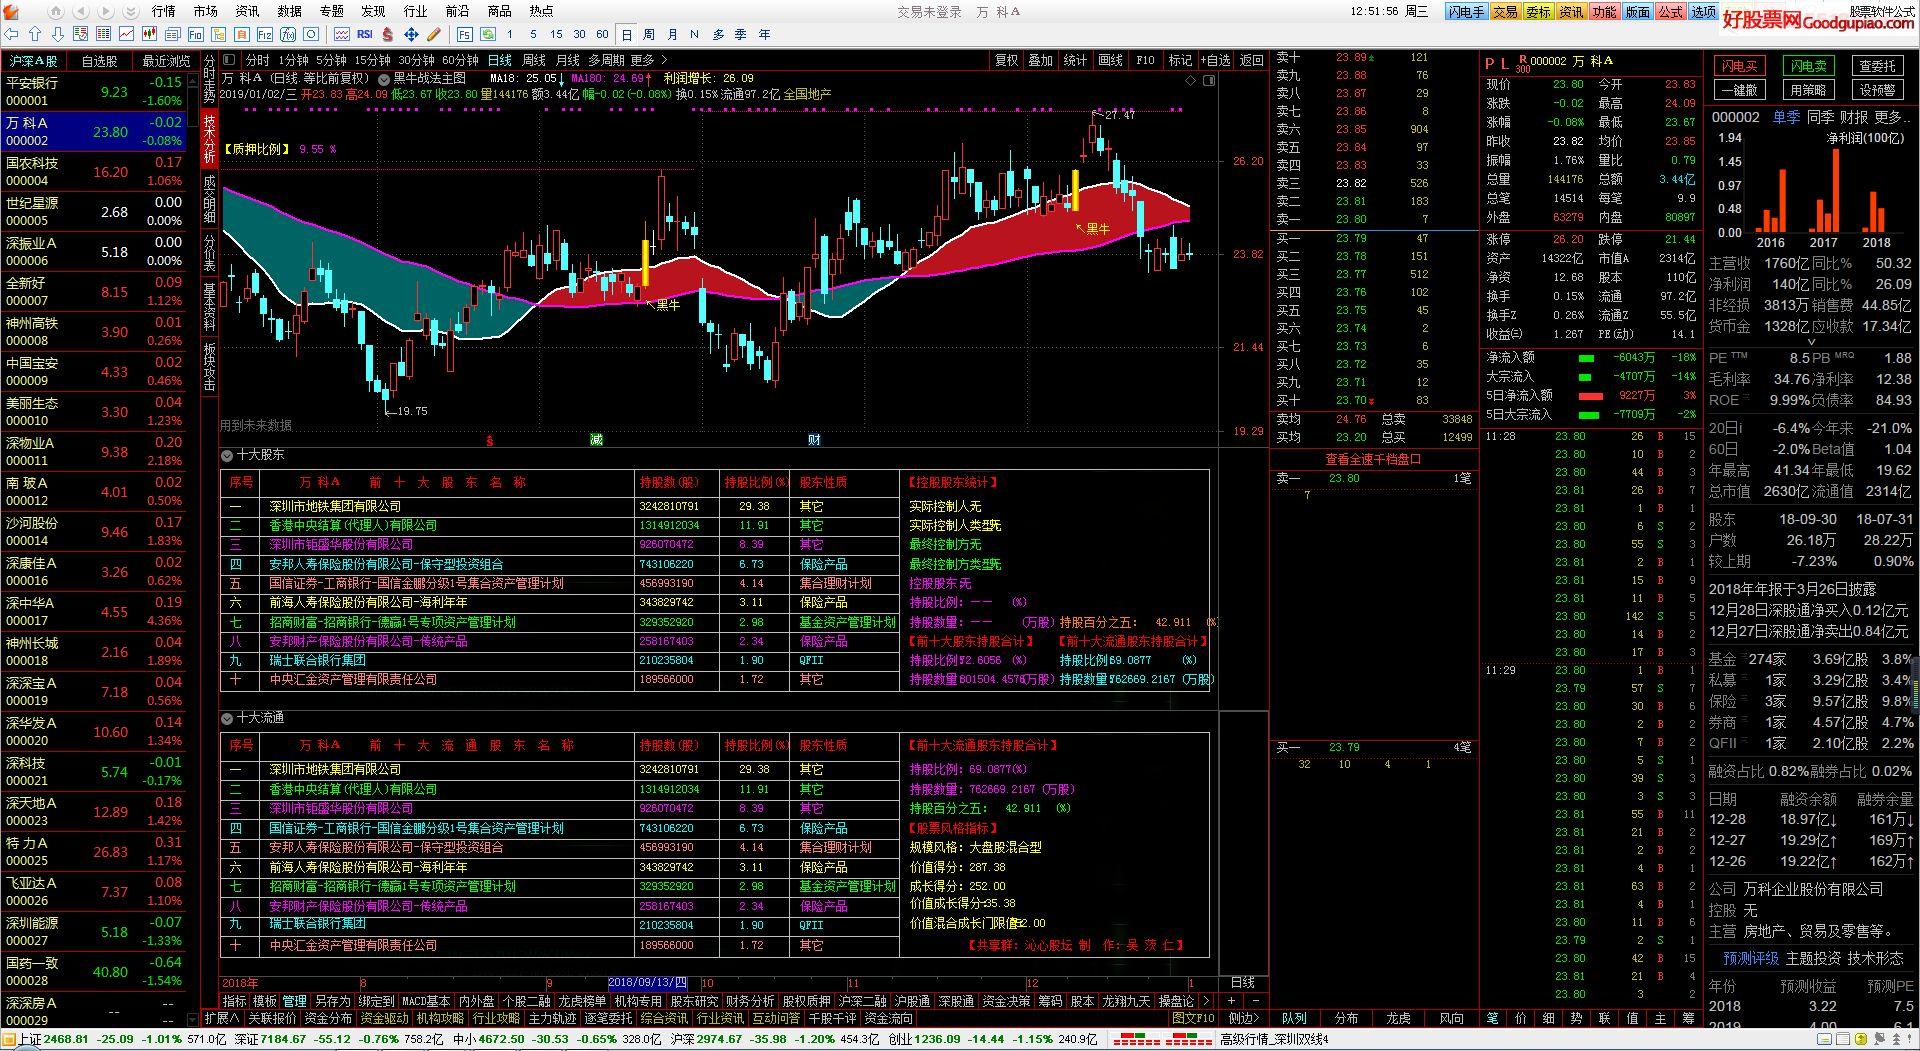 最新十大股东和十大流通股东Excel数据